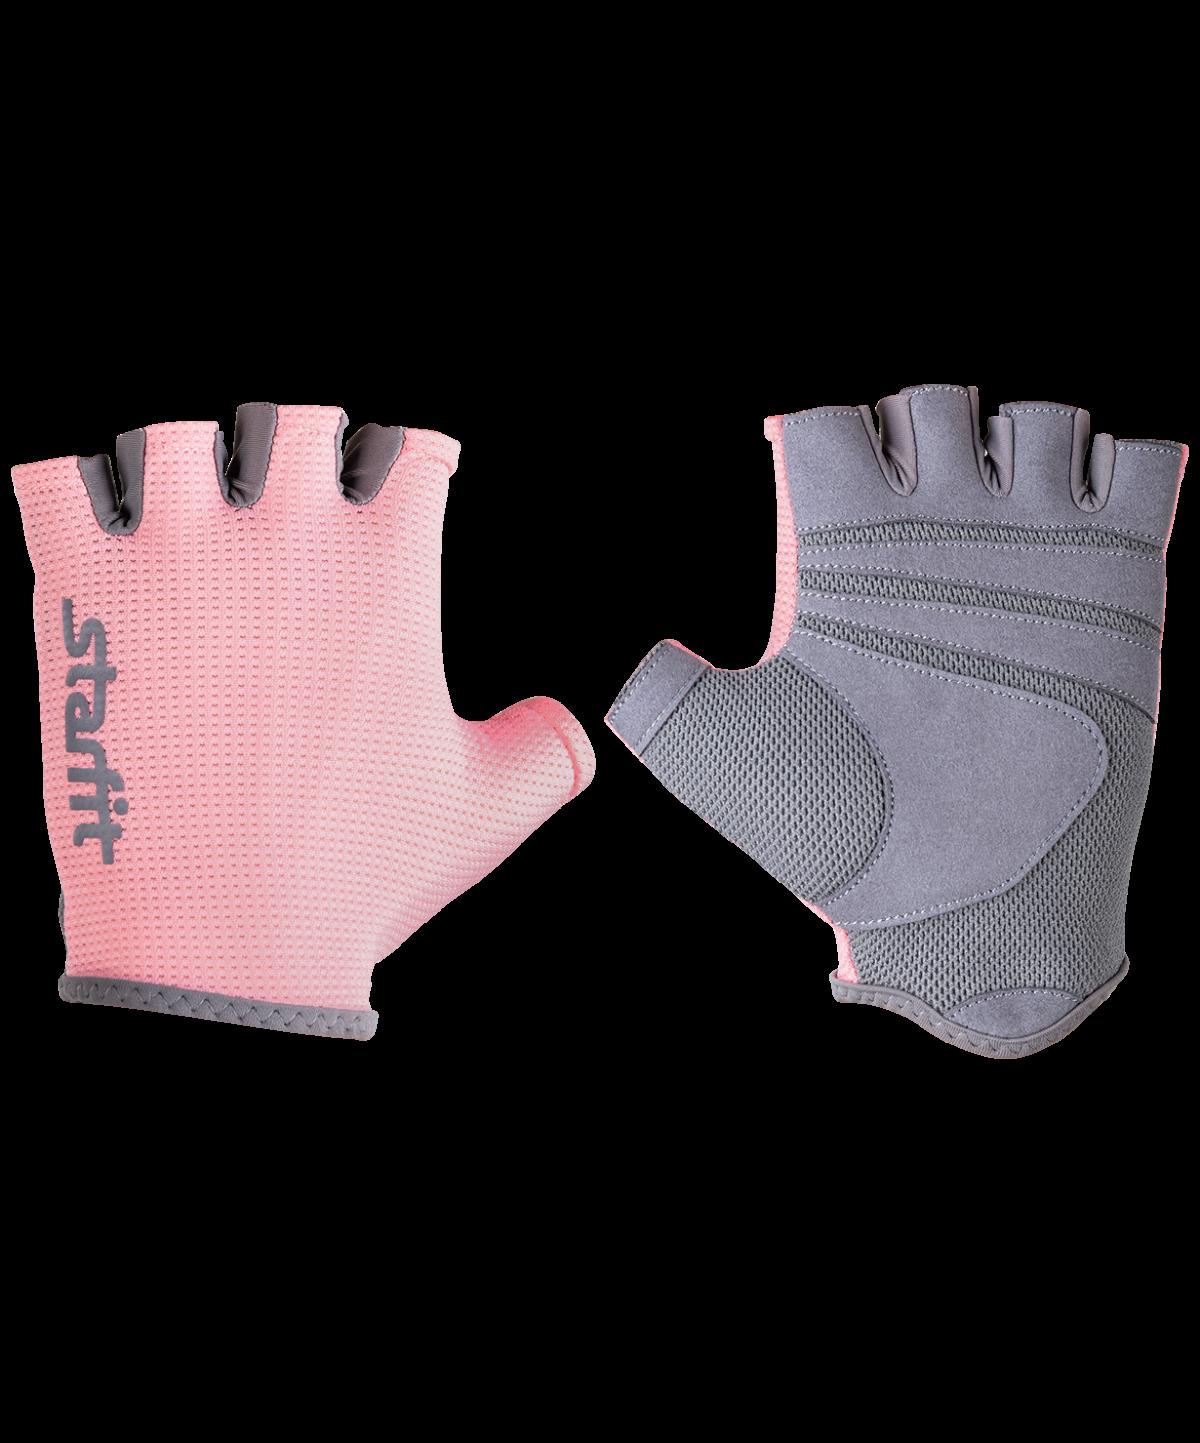 STARFIT Перчатки для фитнеса SU-127 : розовый/серый - 1